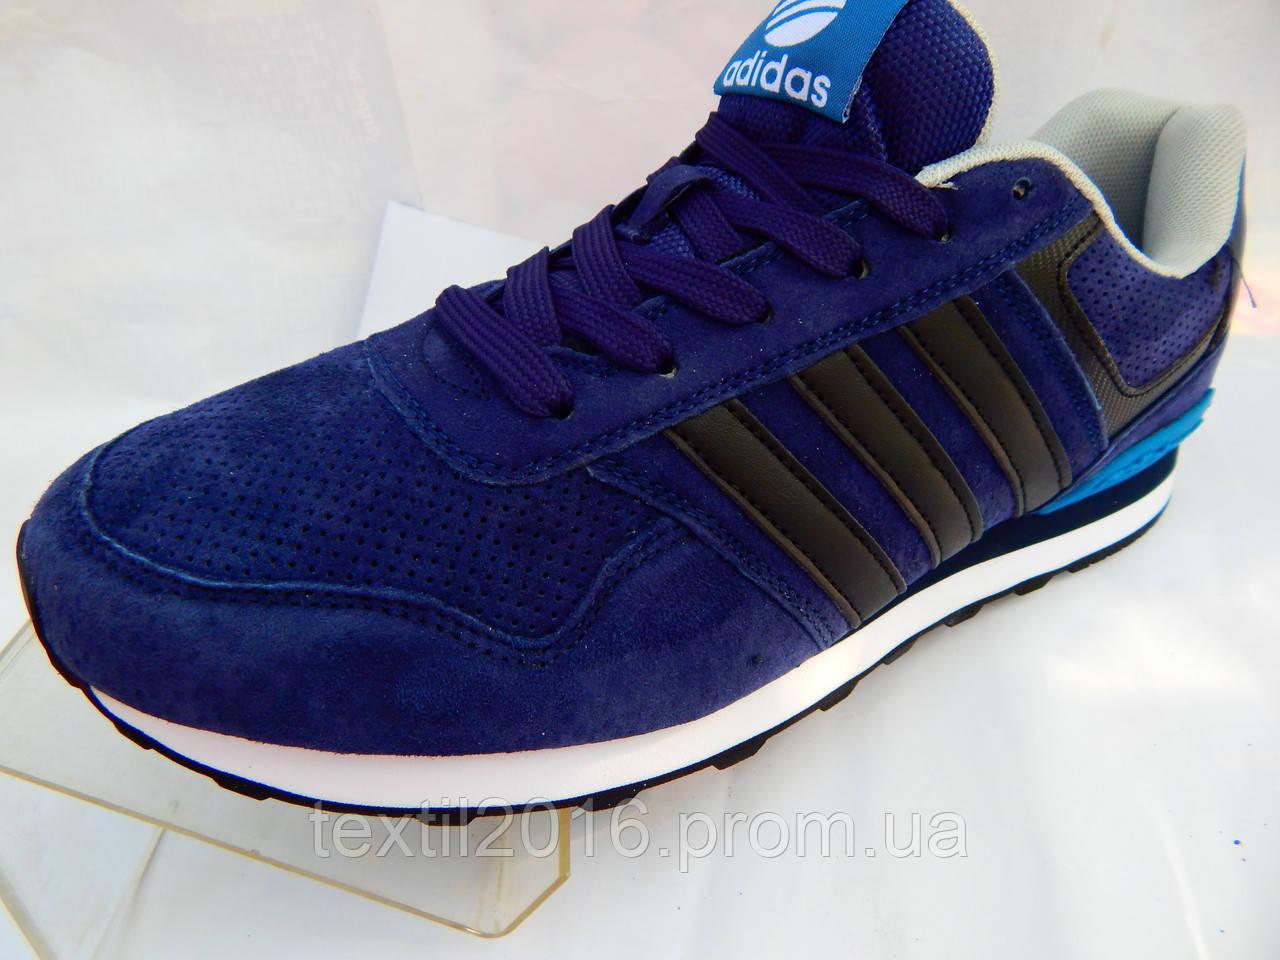 Красивые мужские кроссовки Adidas Neo реплика - Интернет магазин